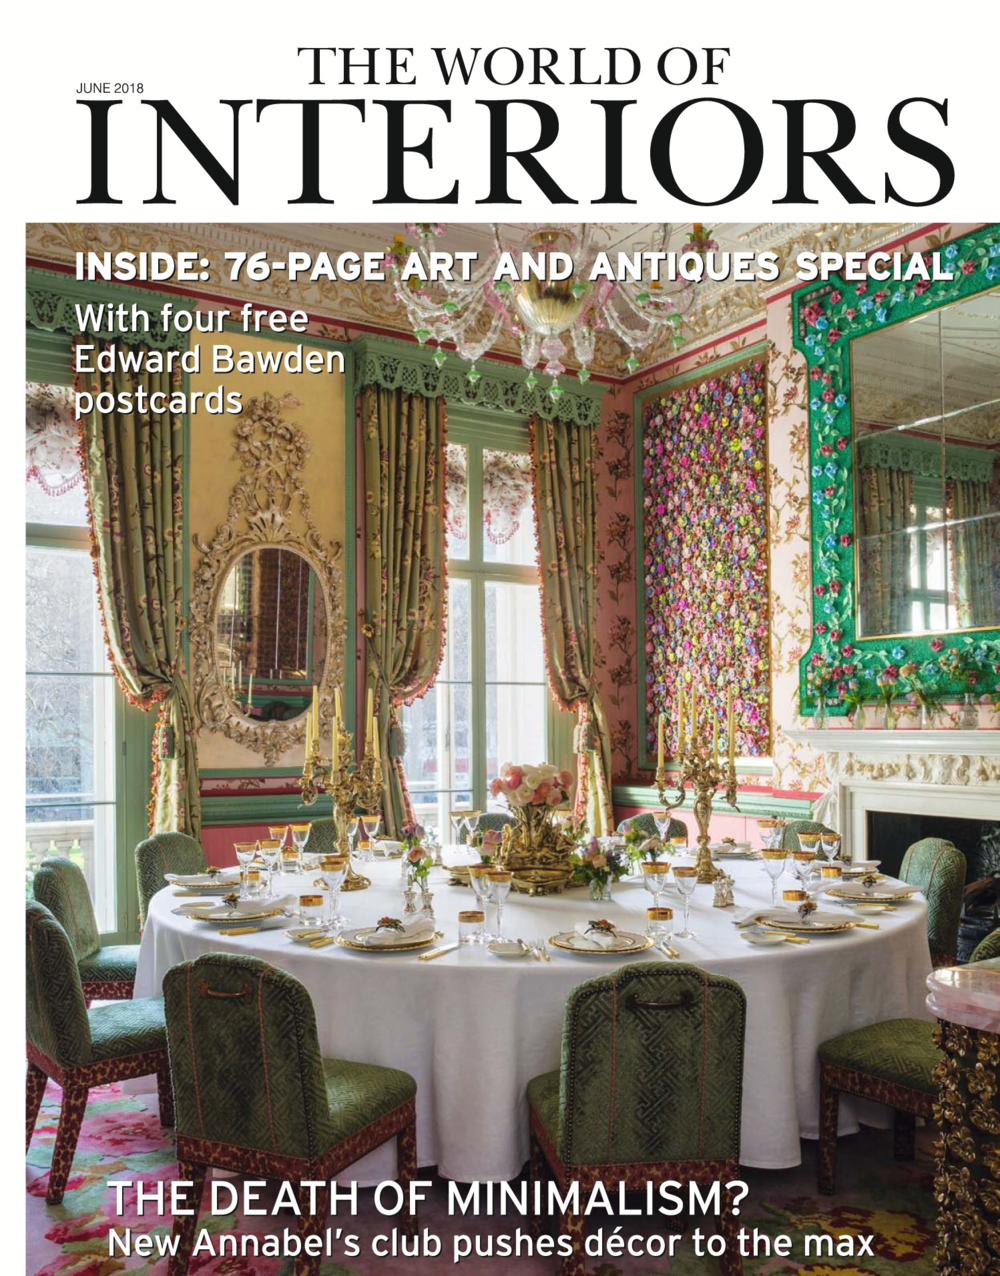 World of Interiors - June 2018